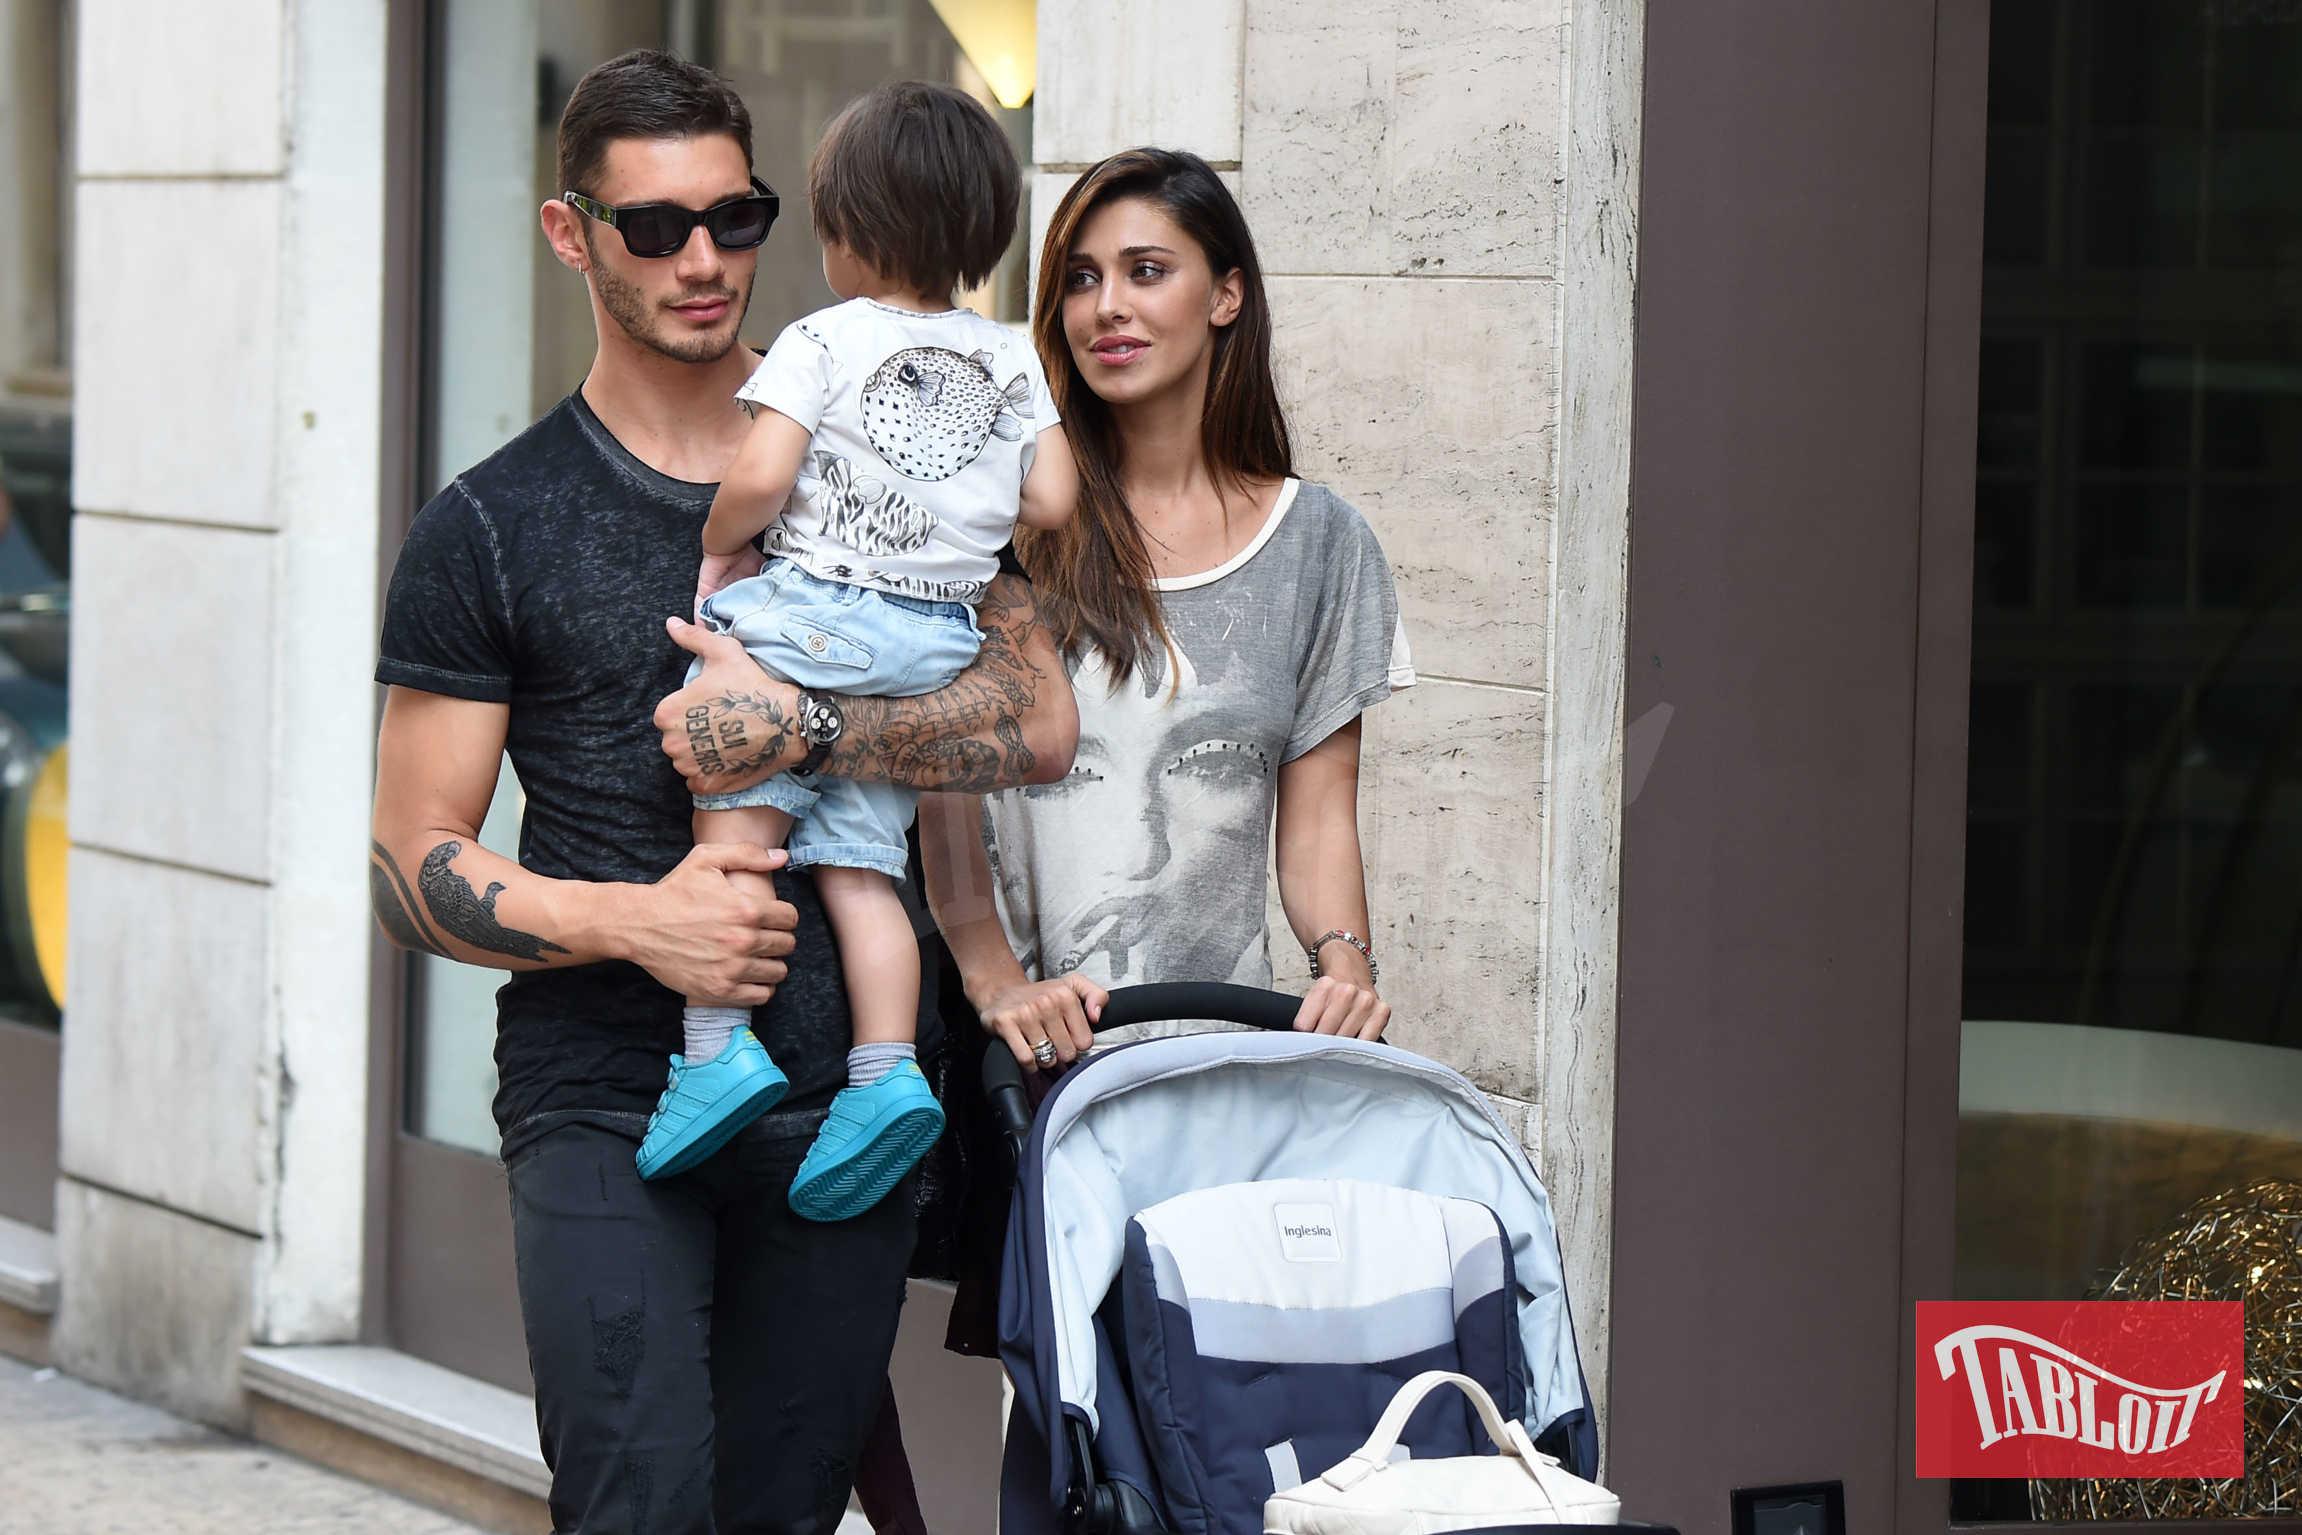 Belen Rodriguez e Stefano De Martino ai tempi del loro amore (2015). La coppia si trovava a Verona durante una passeggiata insieme al figlio Santiago